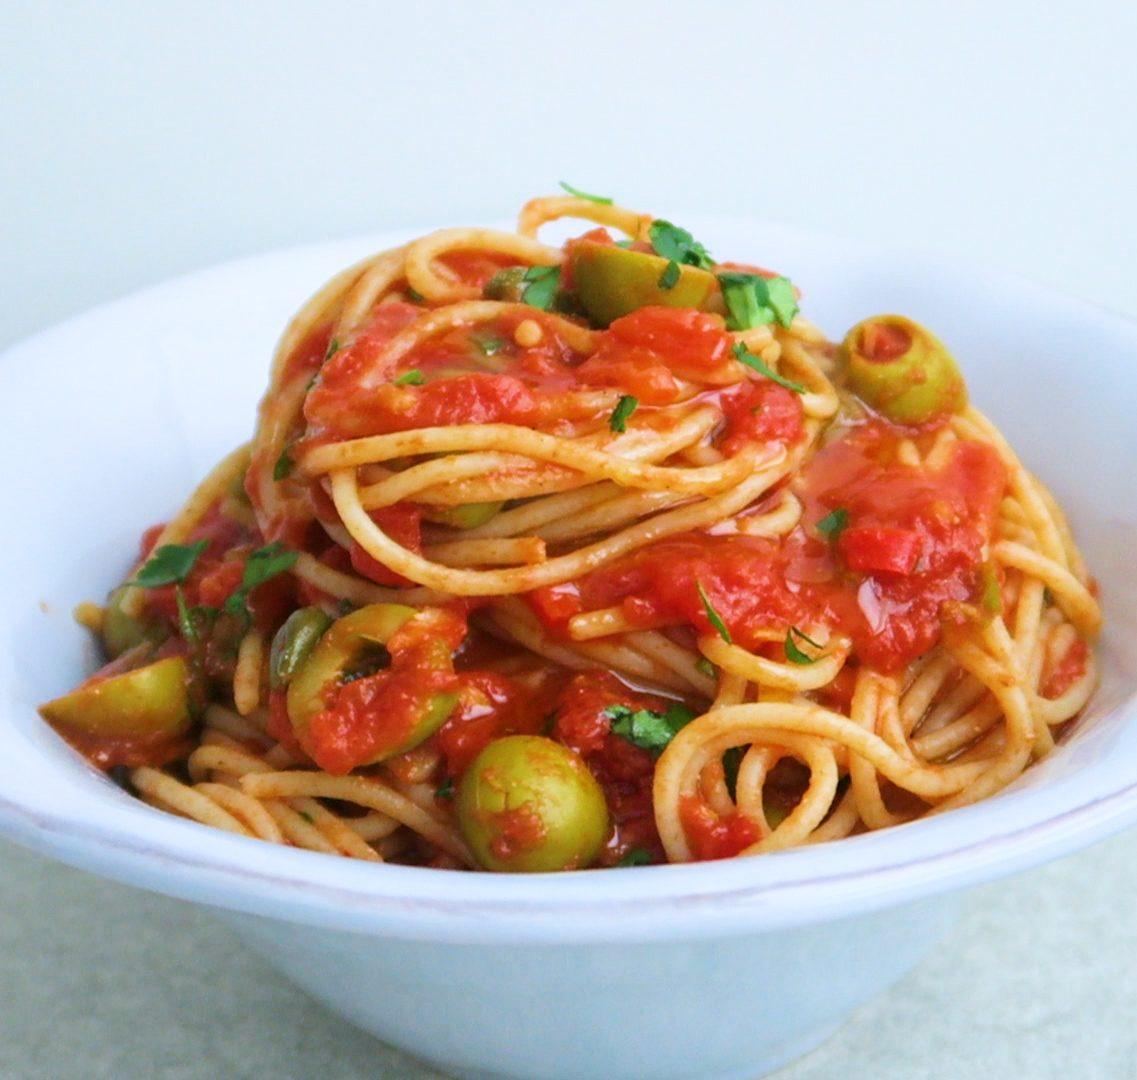 vegan spaghetti puttanesca